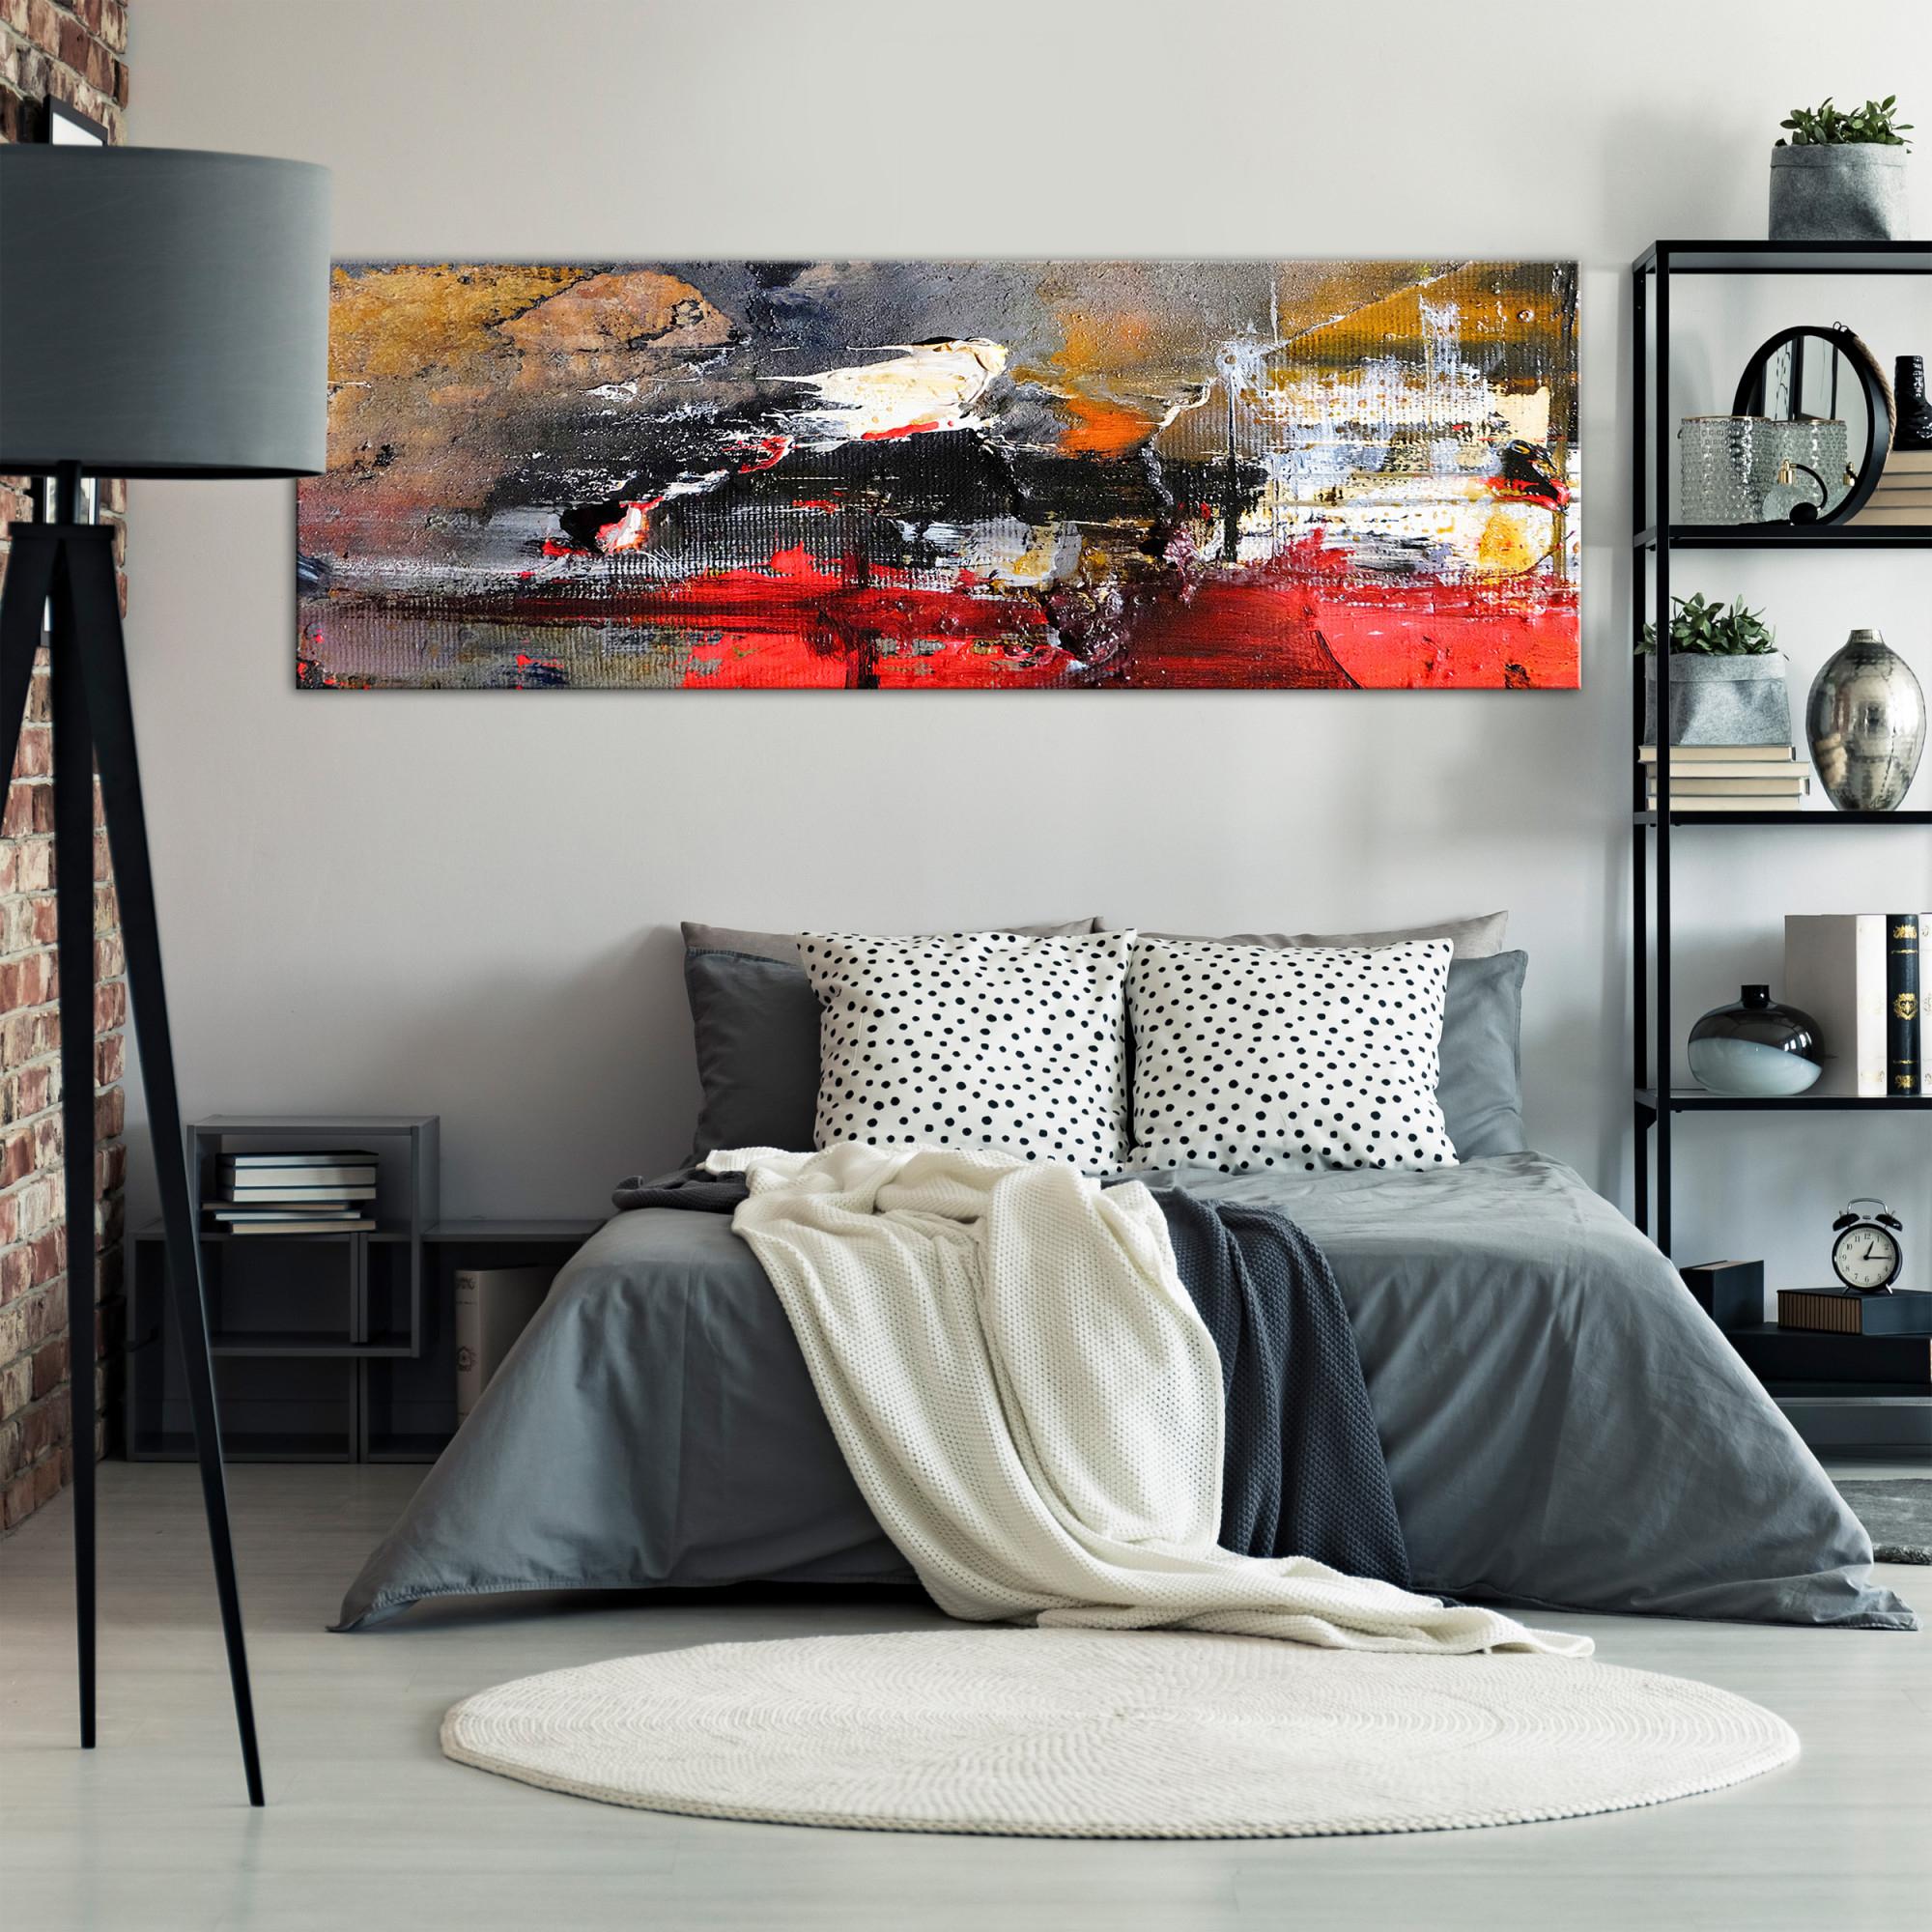 Details Zu Leinwand Deko Bilder Abstrakt Modern Wandbilder Xxl Wohnzimmer  Kunstdruck 9Motiv von Wohnzimmer Bilder Leinwand Photo